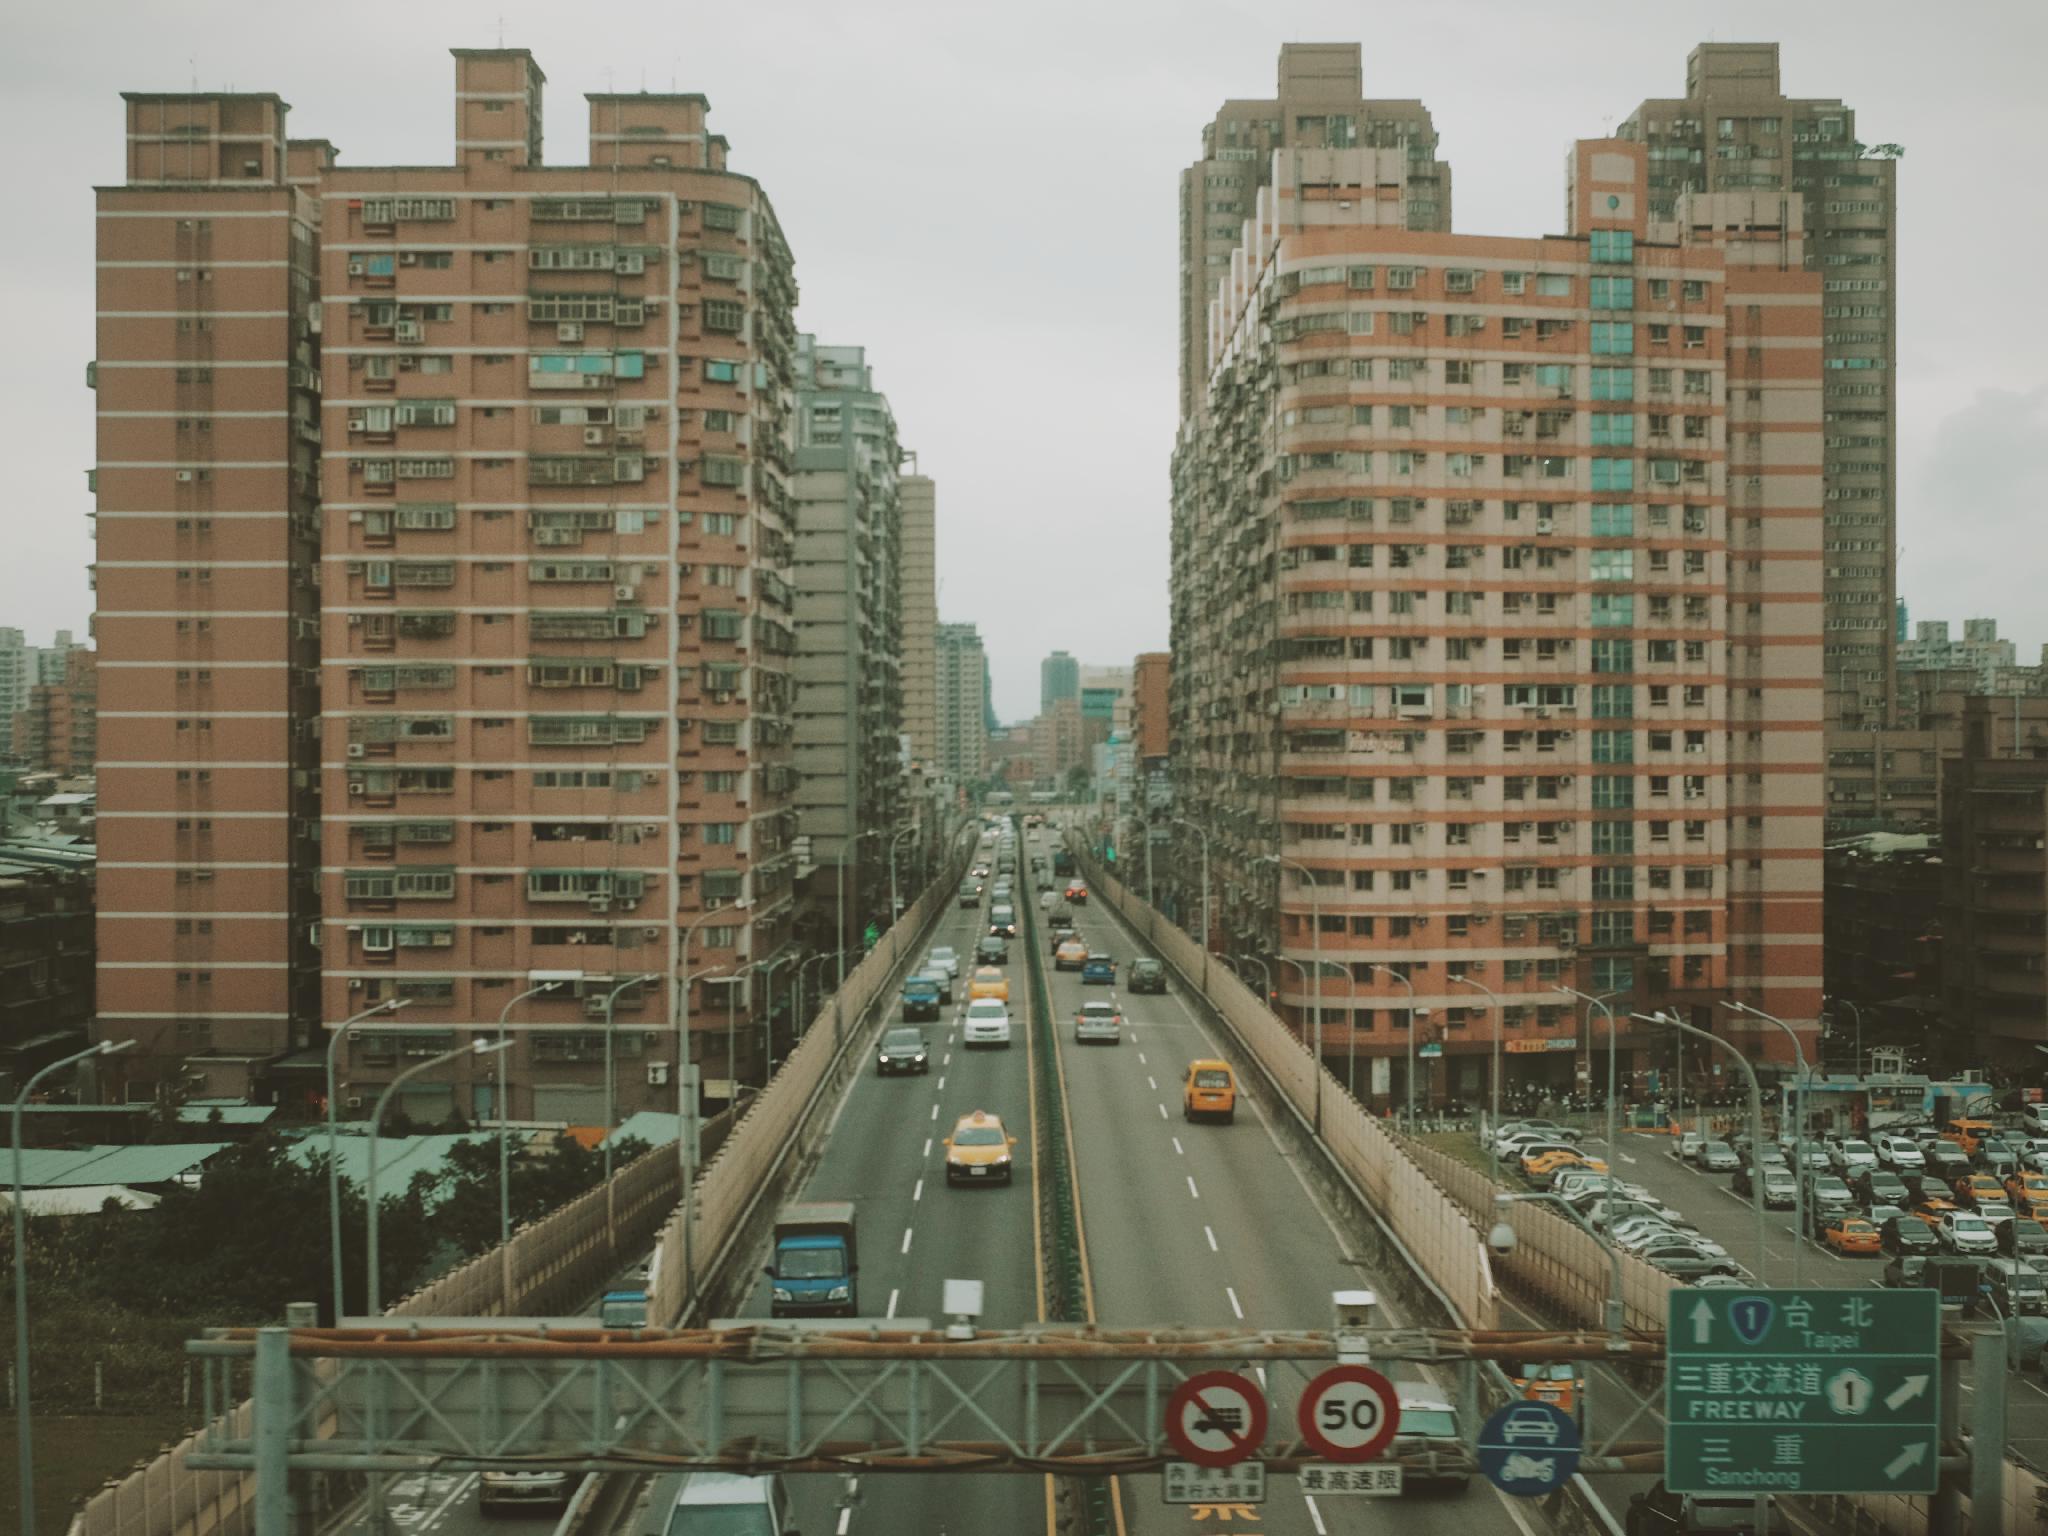 素描写生捷运地景建筑